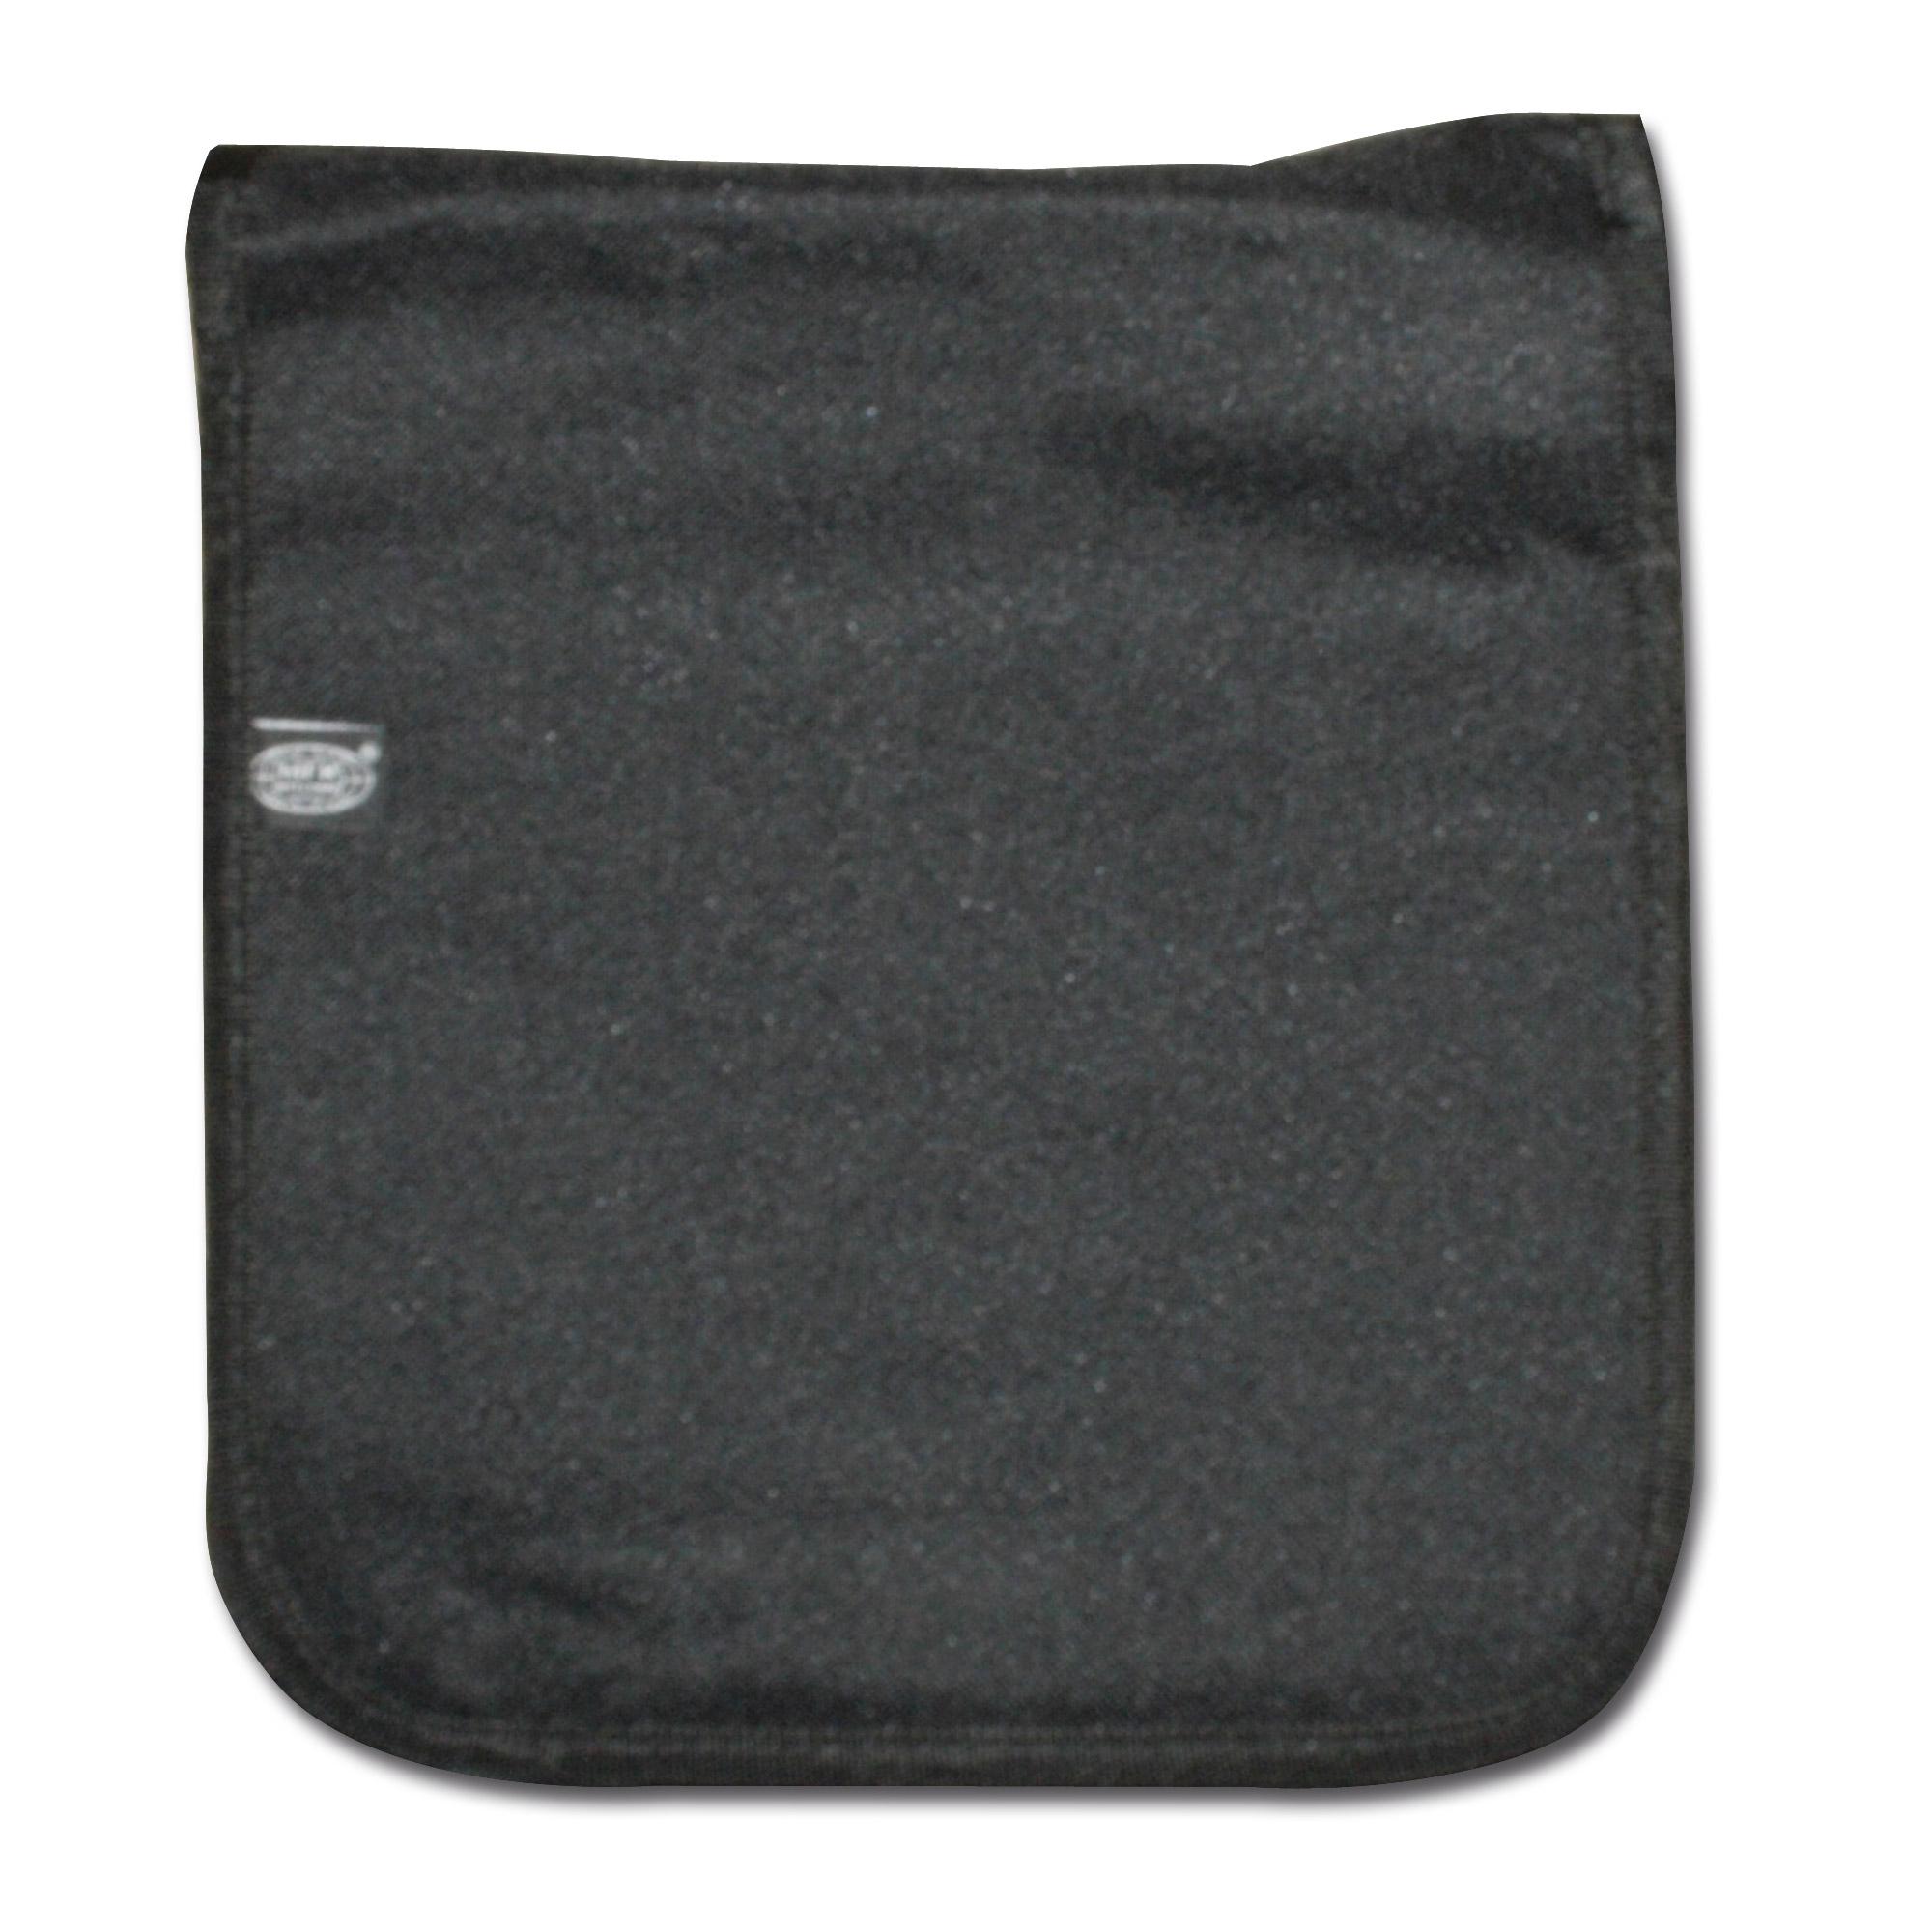 f5527a31d0b76 Schulter-Umhängetasche MFH schwarz kaufen bei ASMC